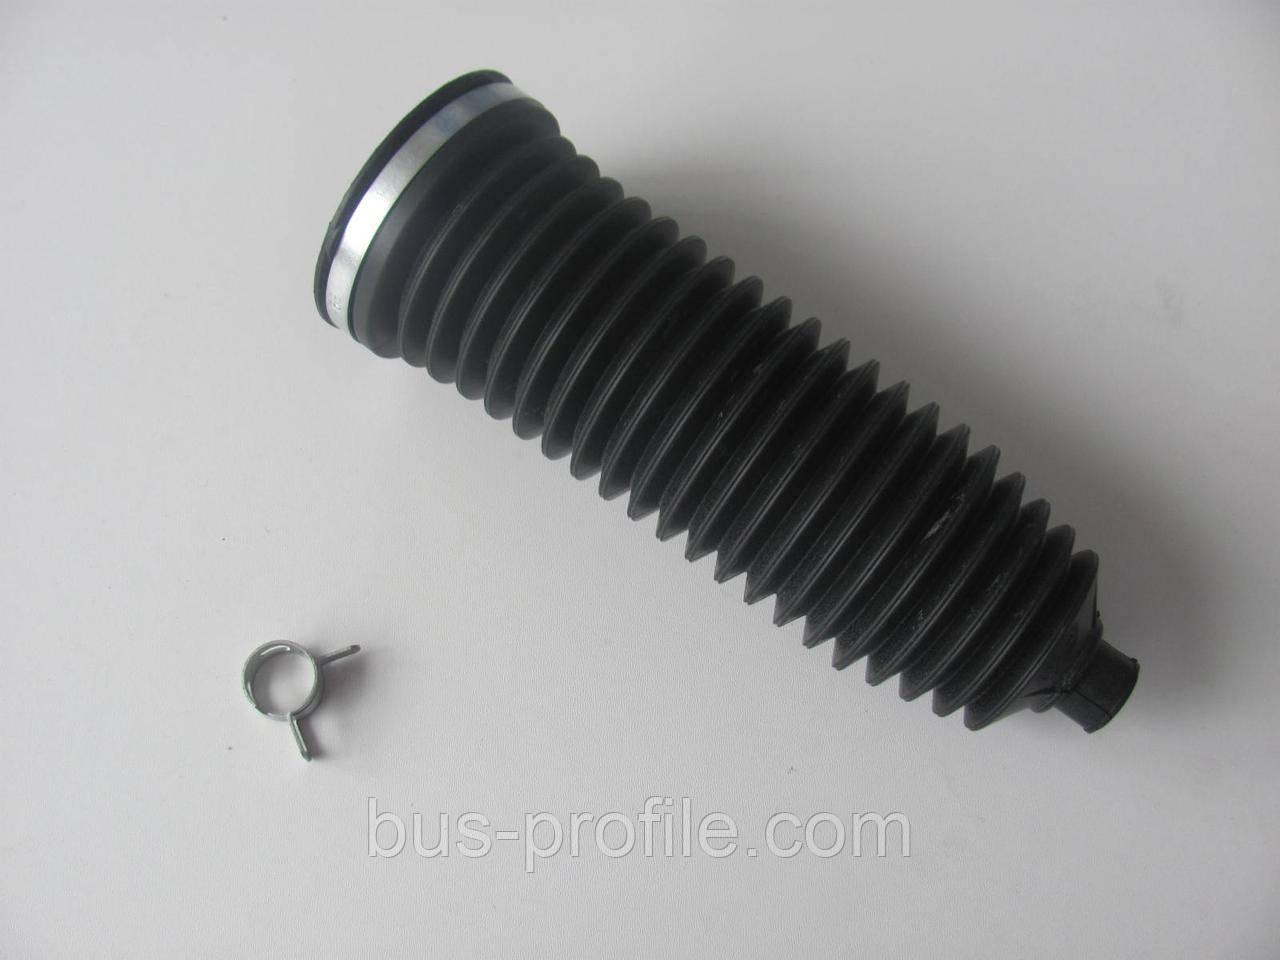 Пыльник рулевой рейки Sprinter/Crafter 06- — LEMFORDER — 33925 01